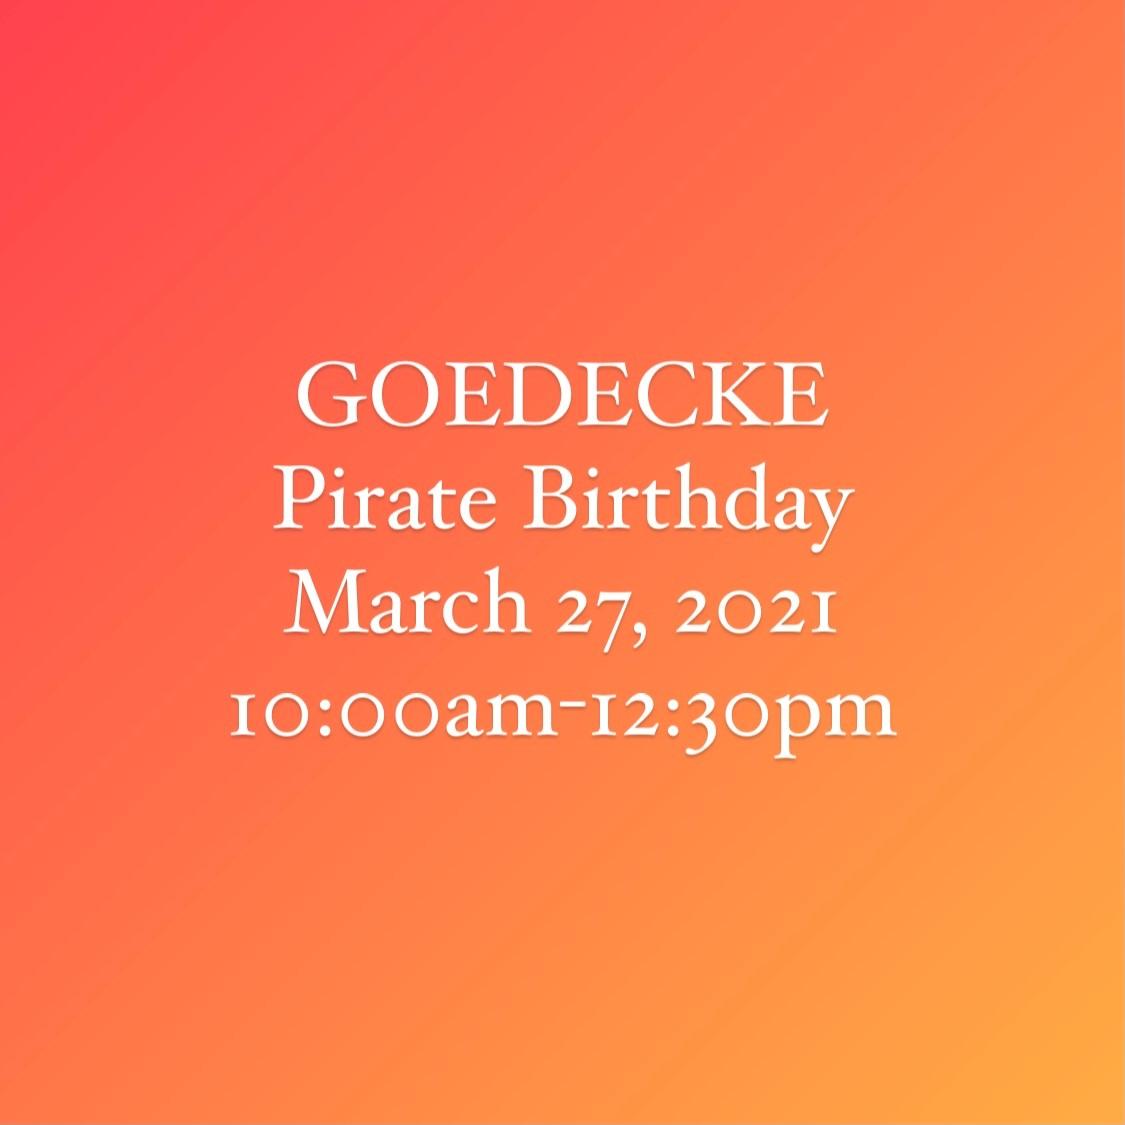 TimberNook Birthday Parties - TimberNook Northeast Florida